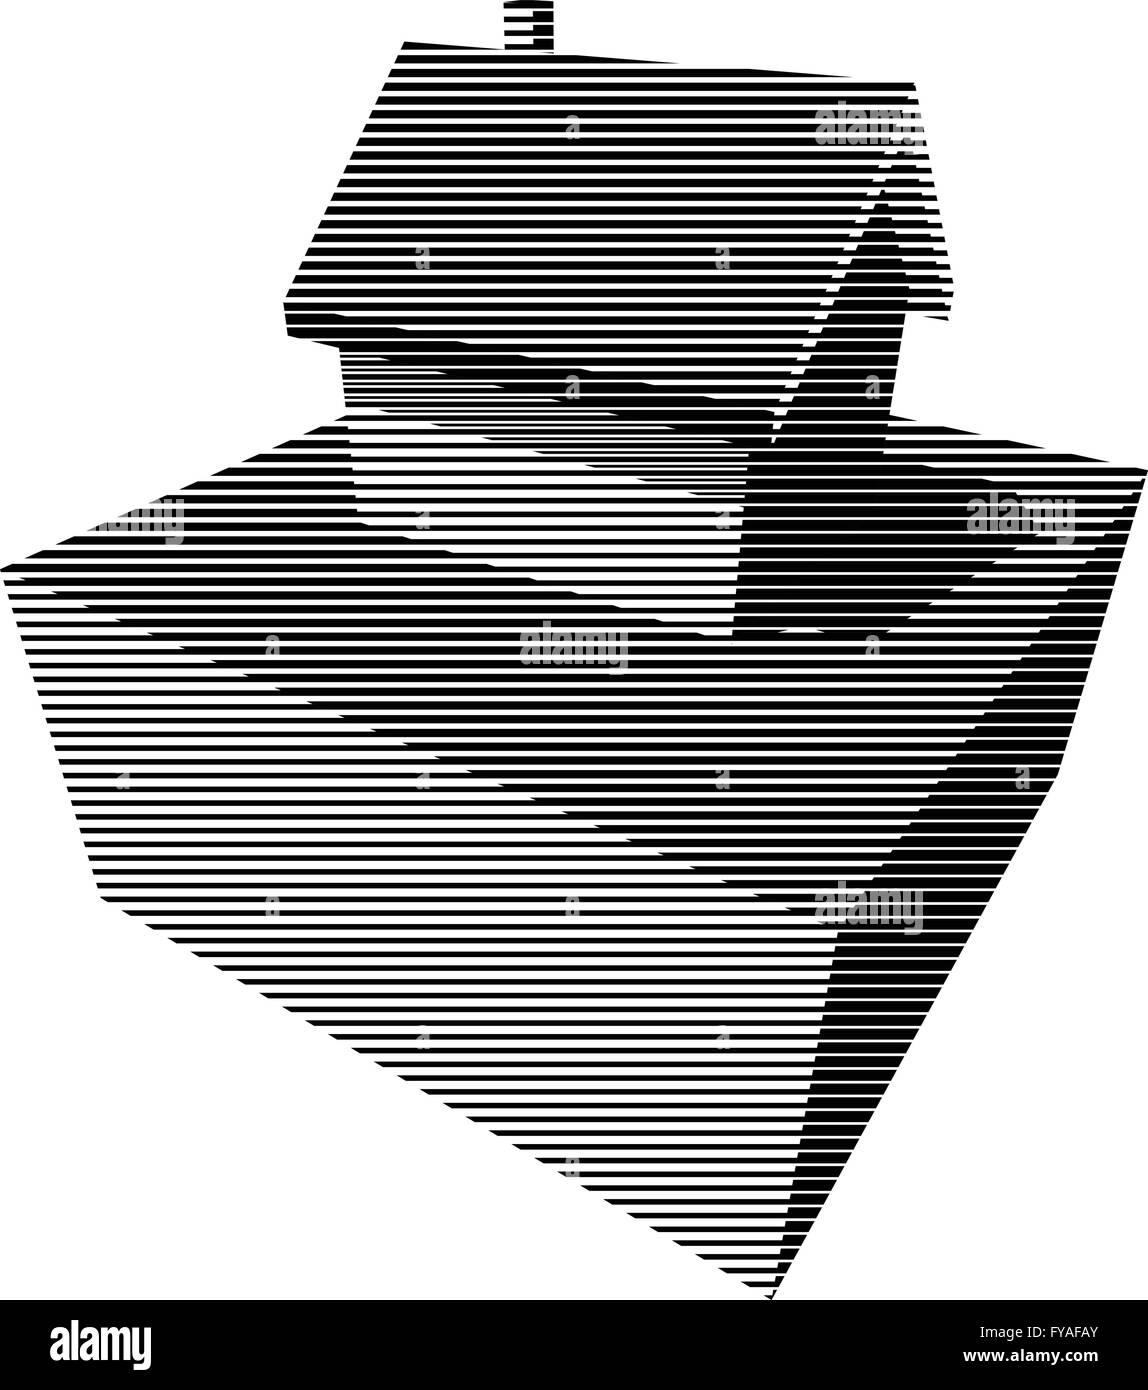 Schwarz / weiß grafische Diagramm in Form eines Einfamilienhauses ...